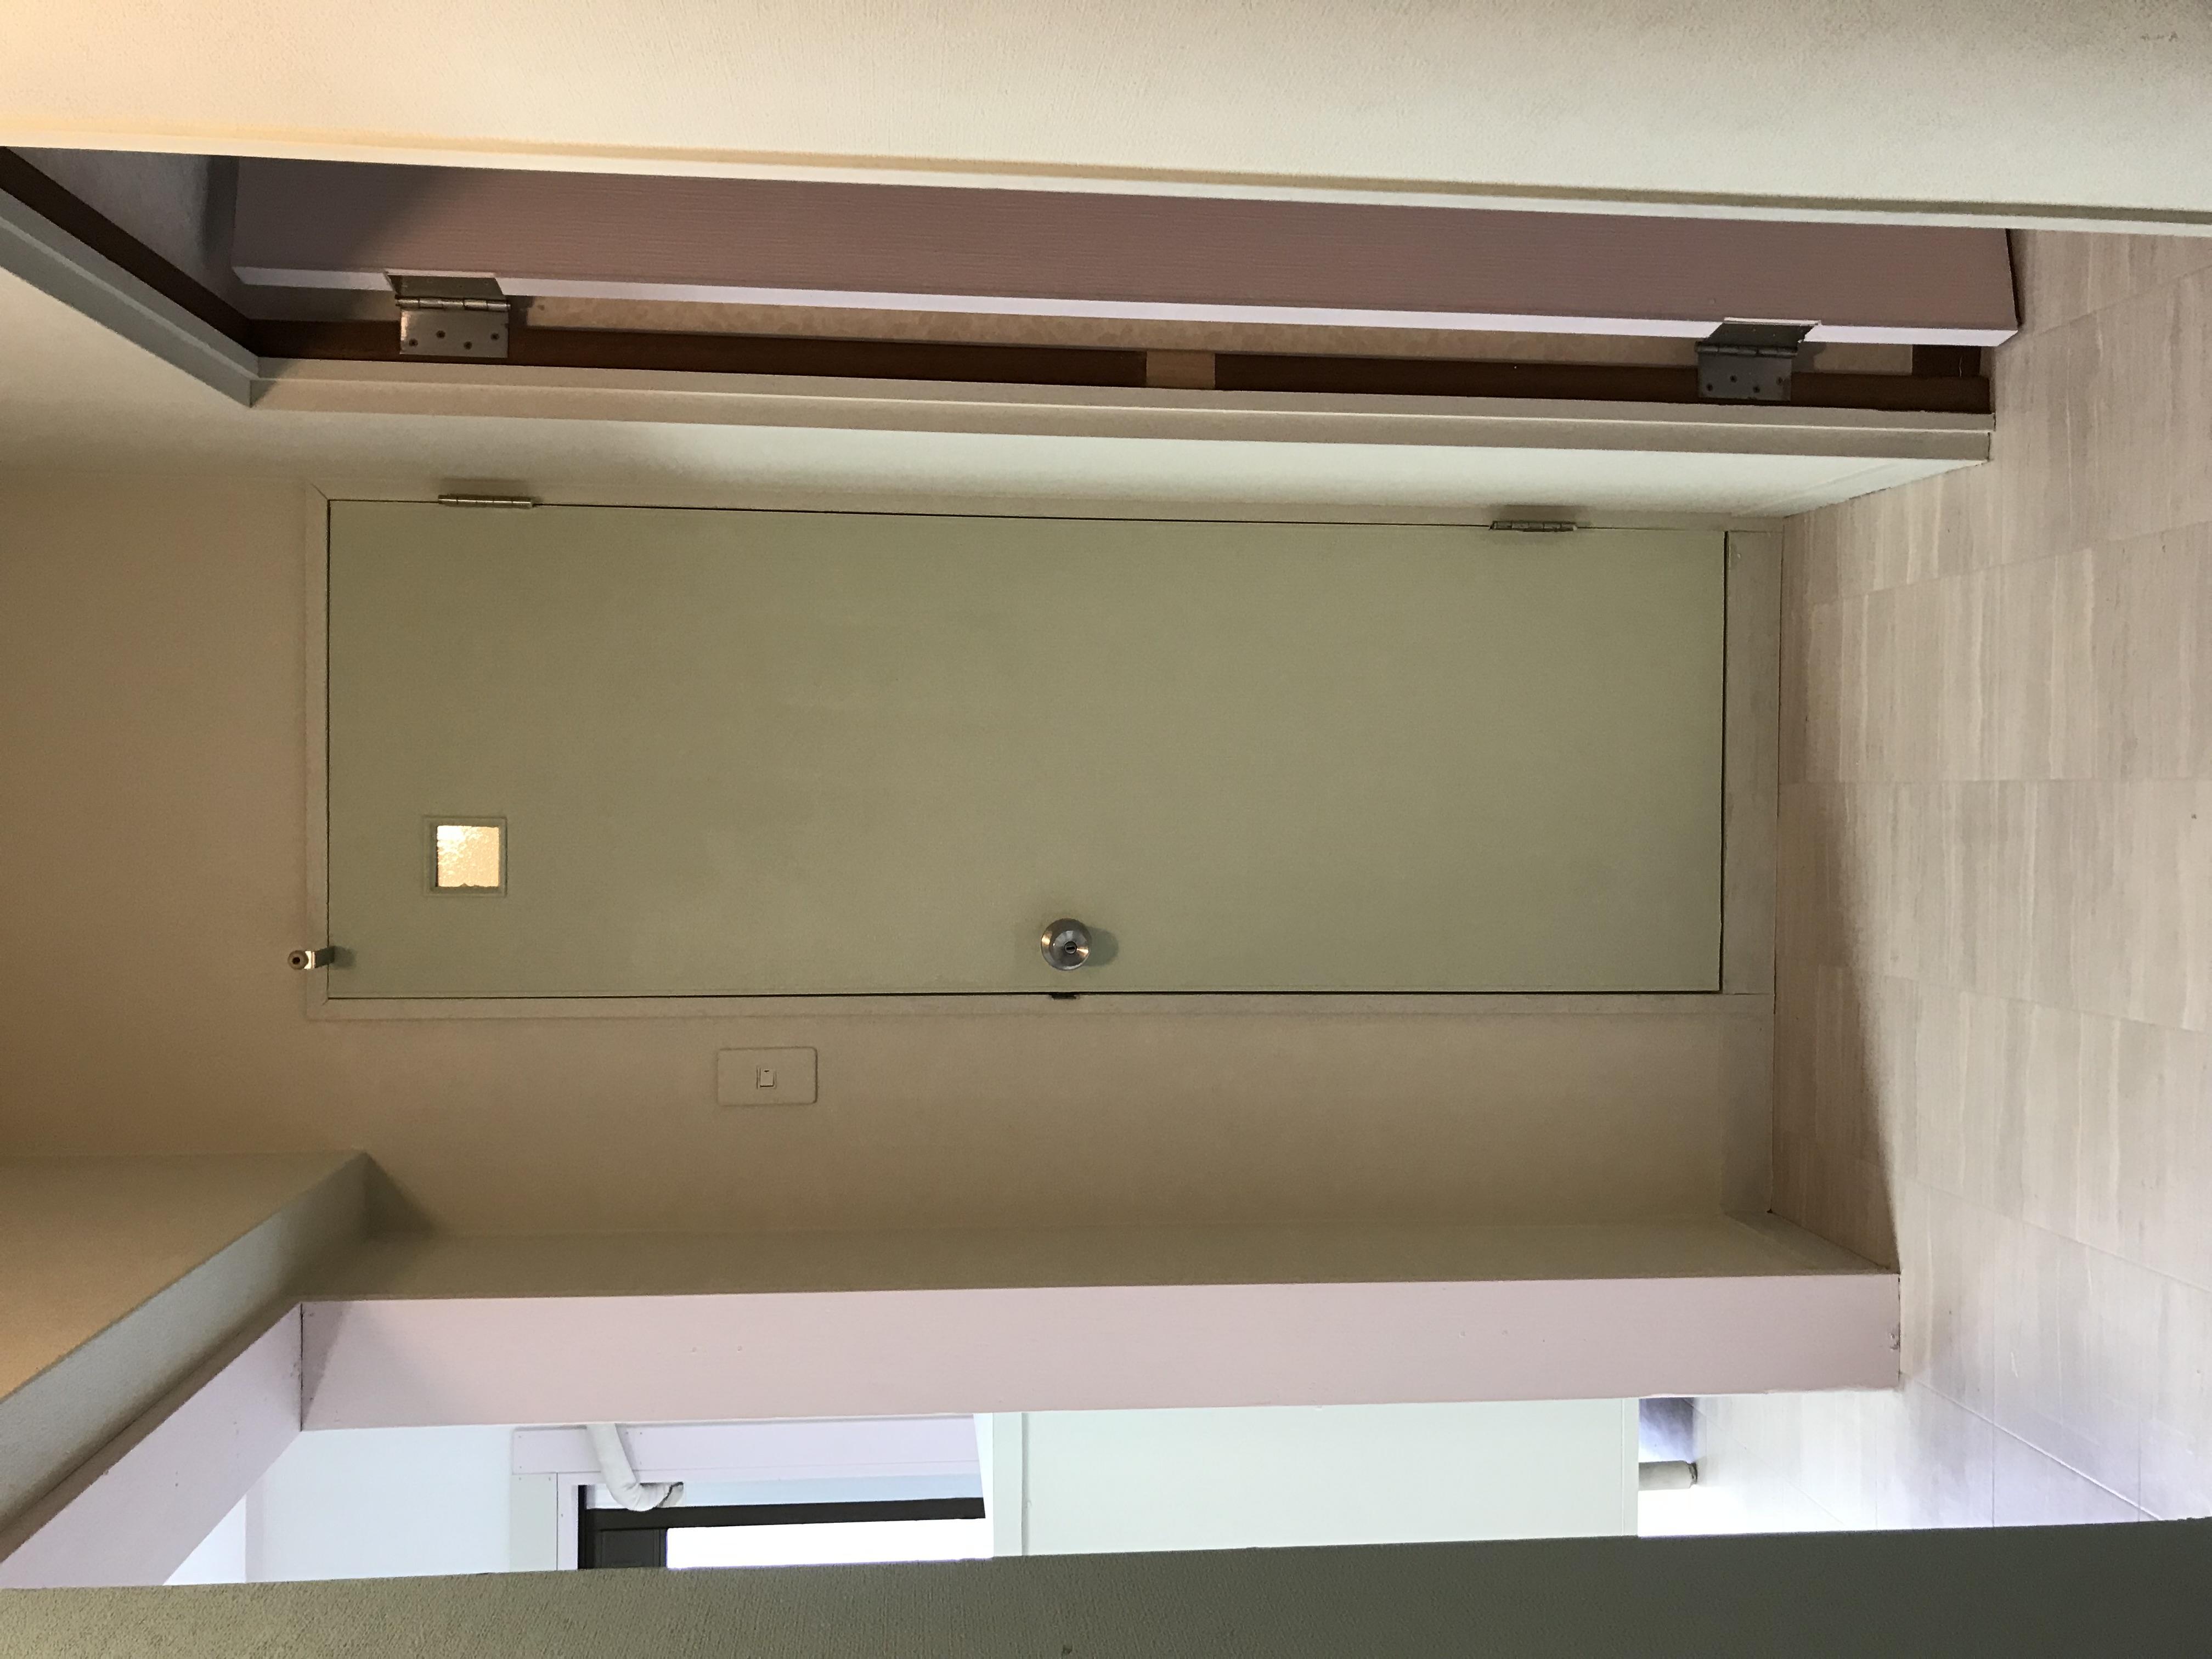 第13ステージ神奈川県横浜市某所2DKマンション内装DIY